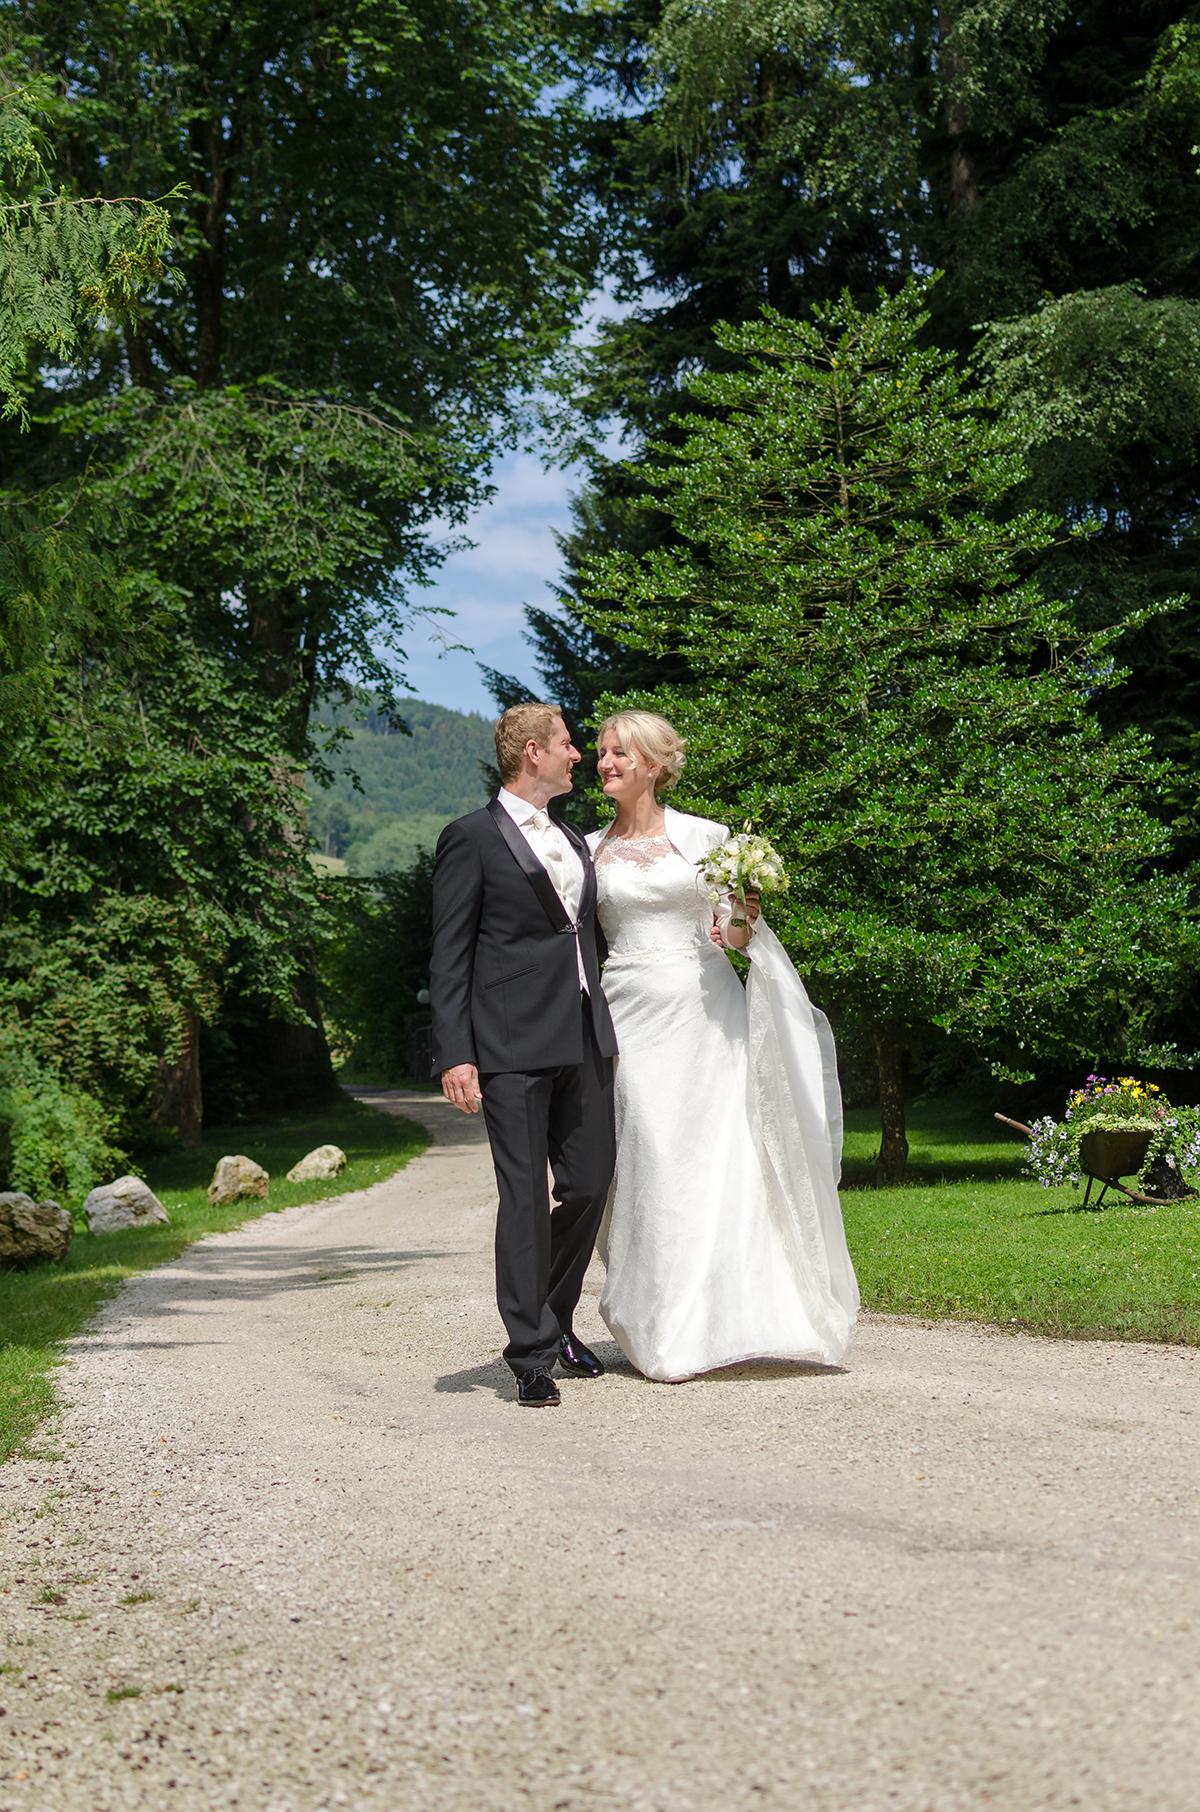 Christine&Gerhard_Hochzeit_Portrait_022_StephanSchreinerPhotography Kopie